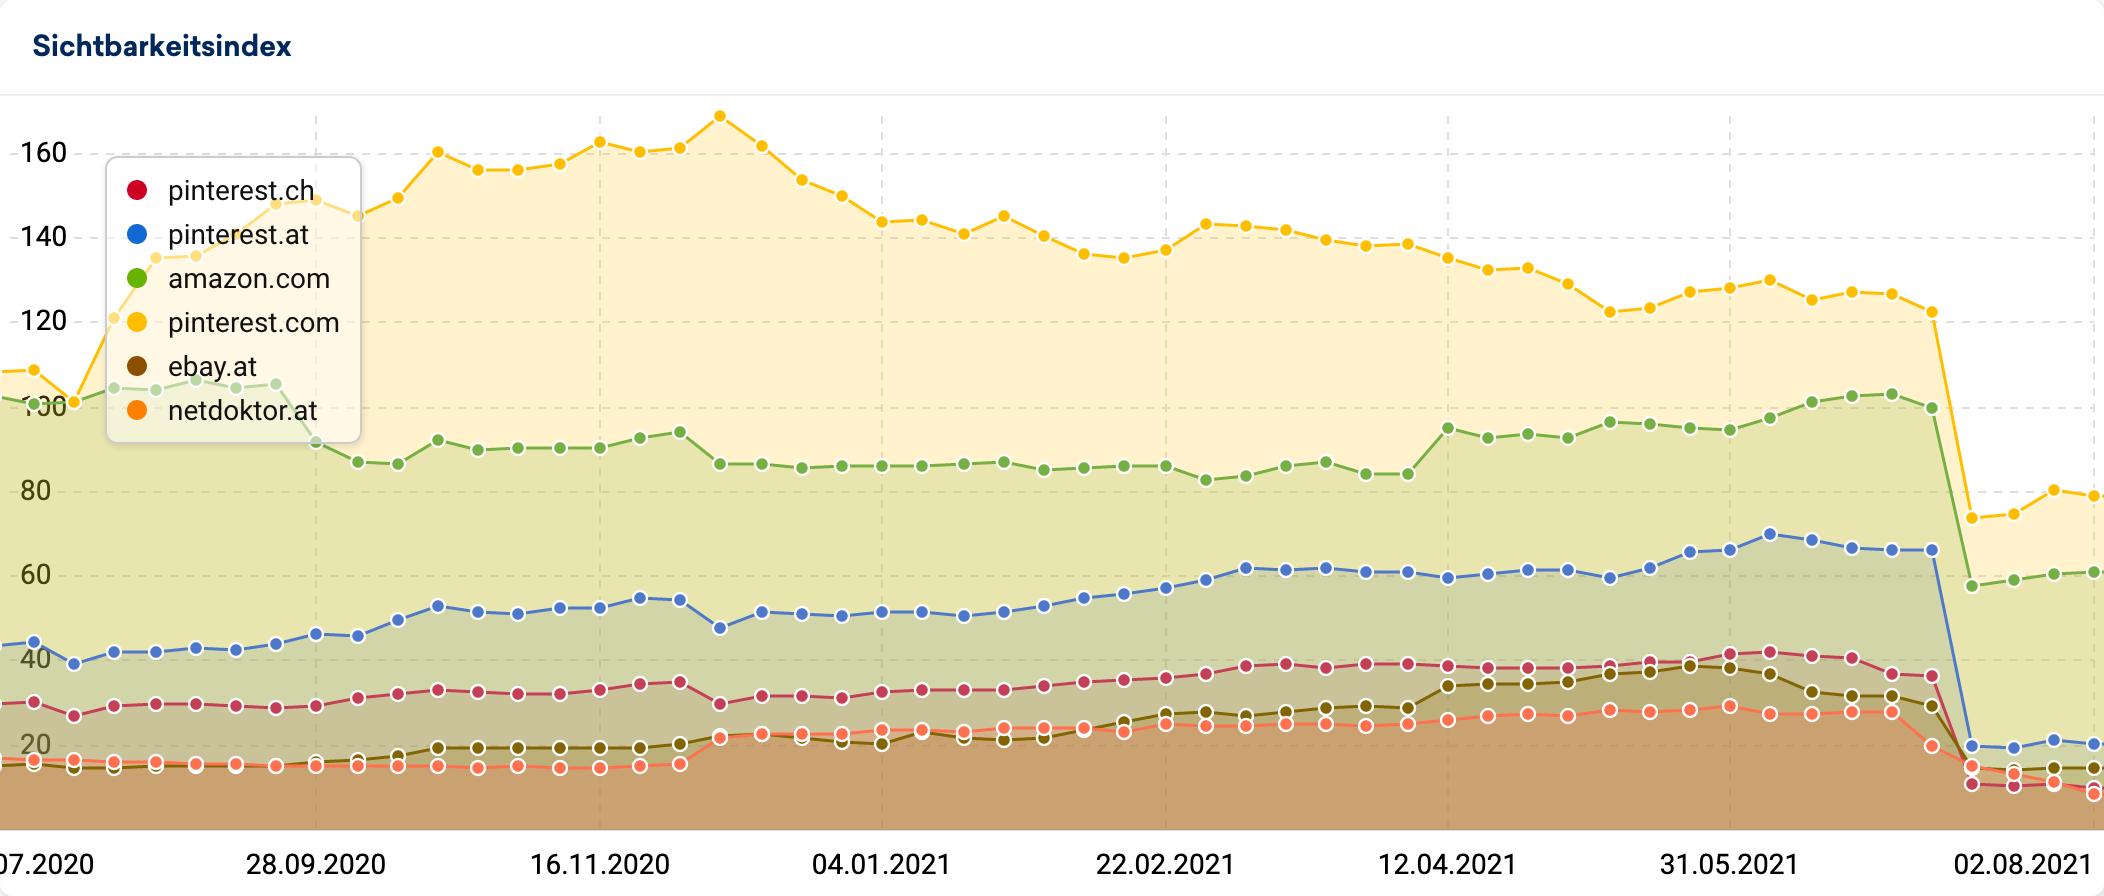 Fremdsprachige Domains fliegen aus dem Index